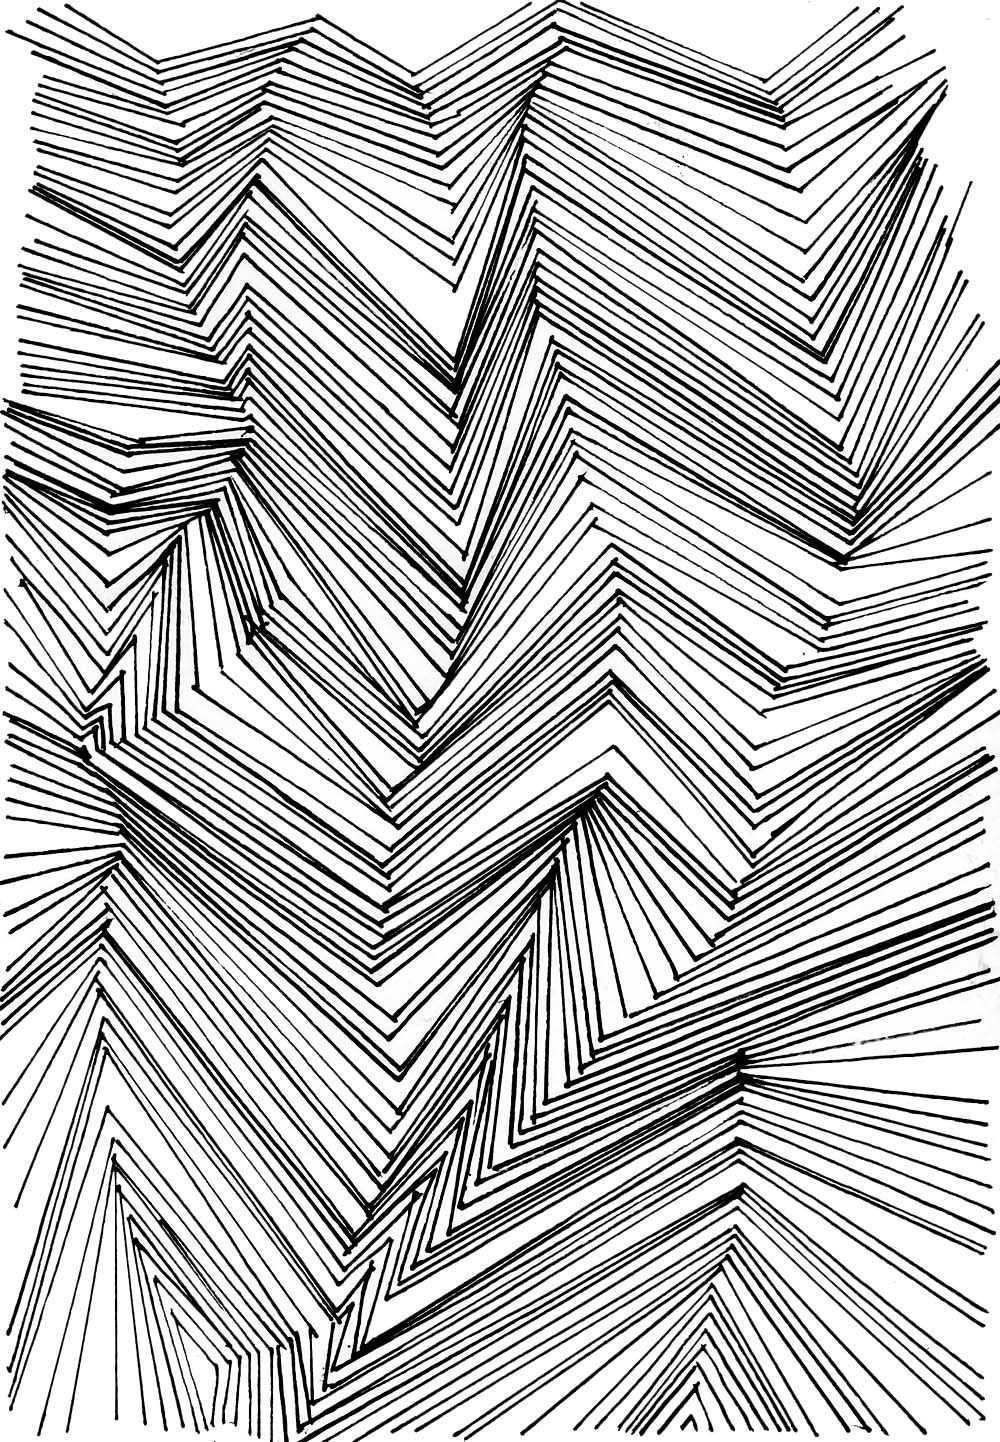 Muster Zeichnen Meditativ Oder Einfach Nur Langweilig Hermine On Walk Muster Malen Muster Zeichnung Zeichnen